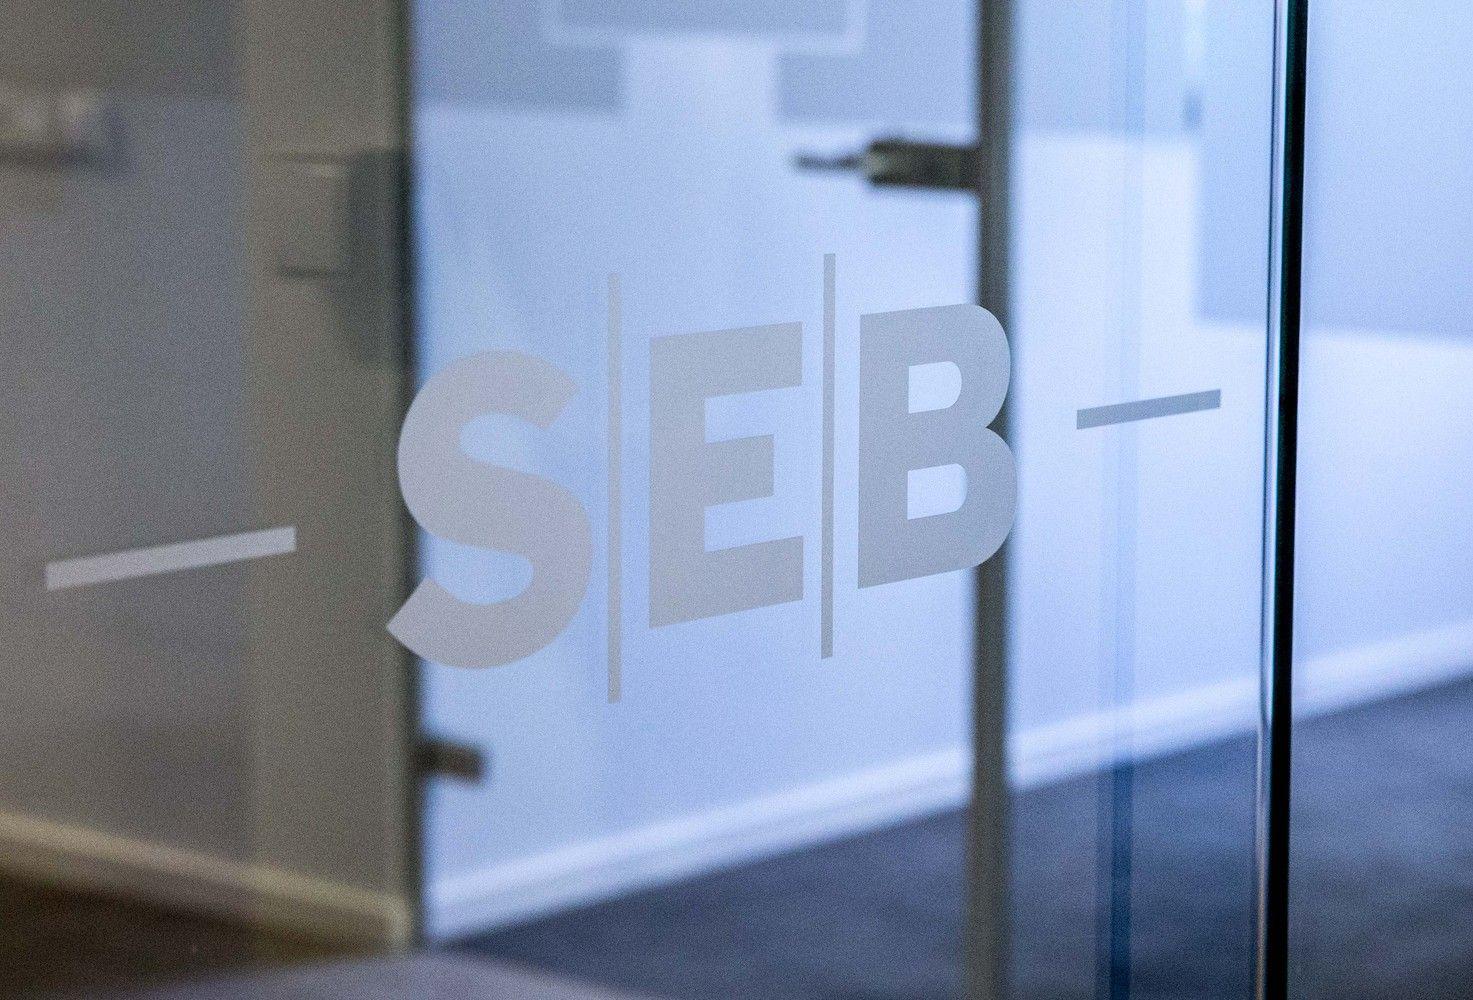 SEB Lietuvoje uždirbo 27% daugiau grynojo pelno